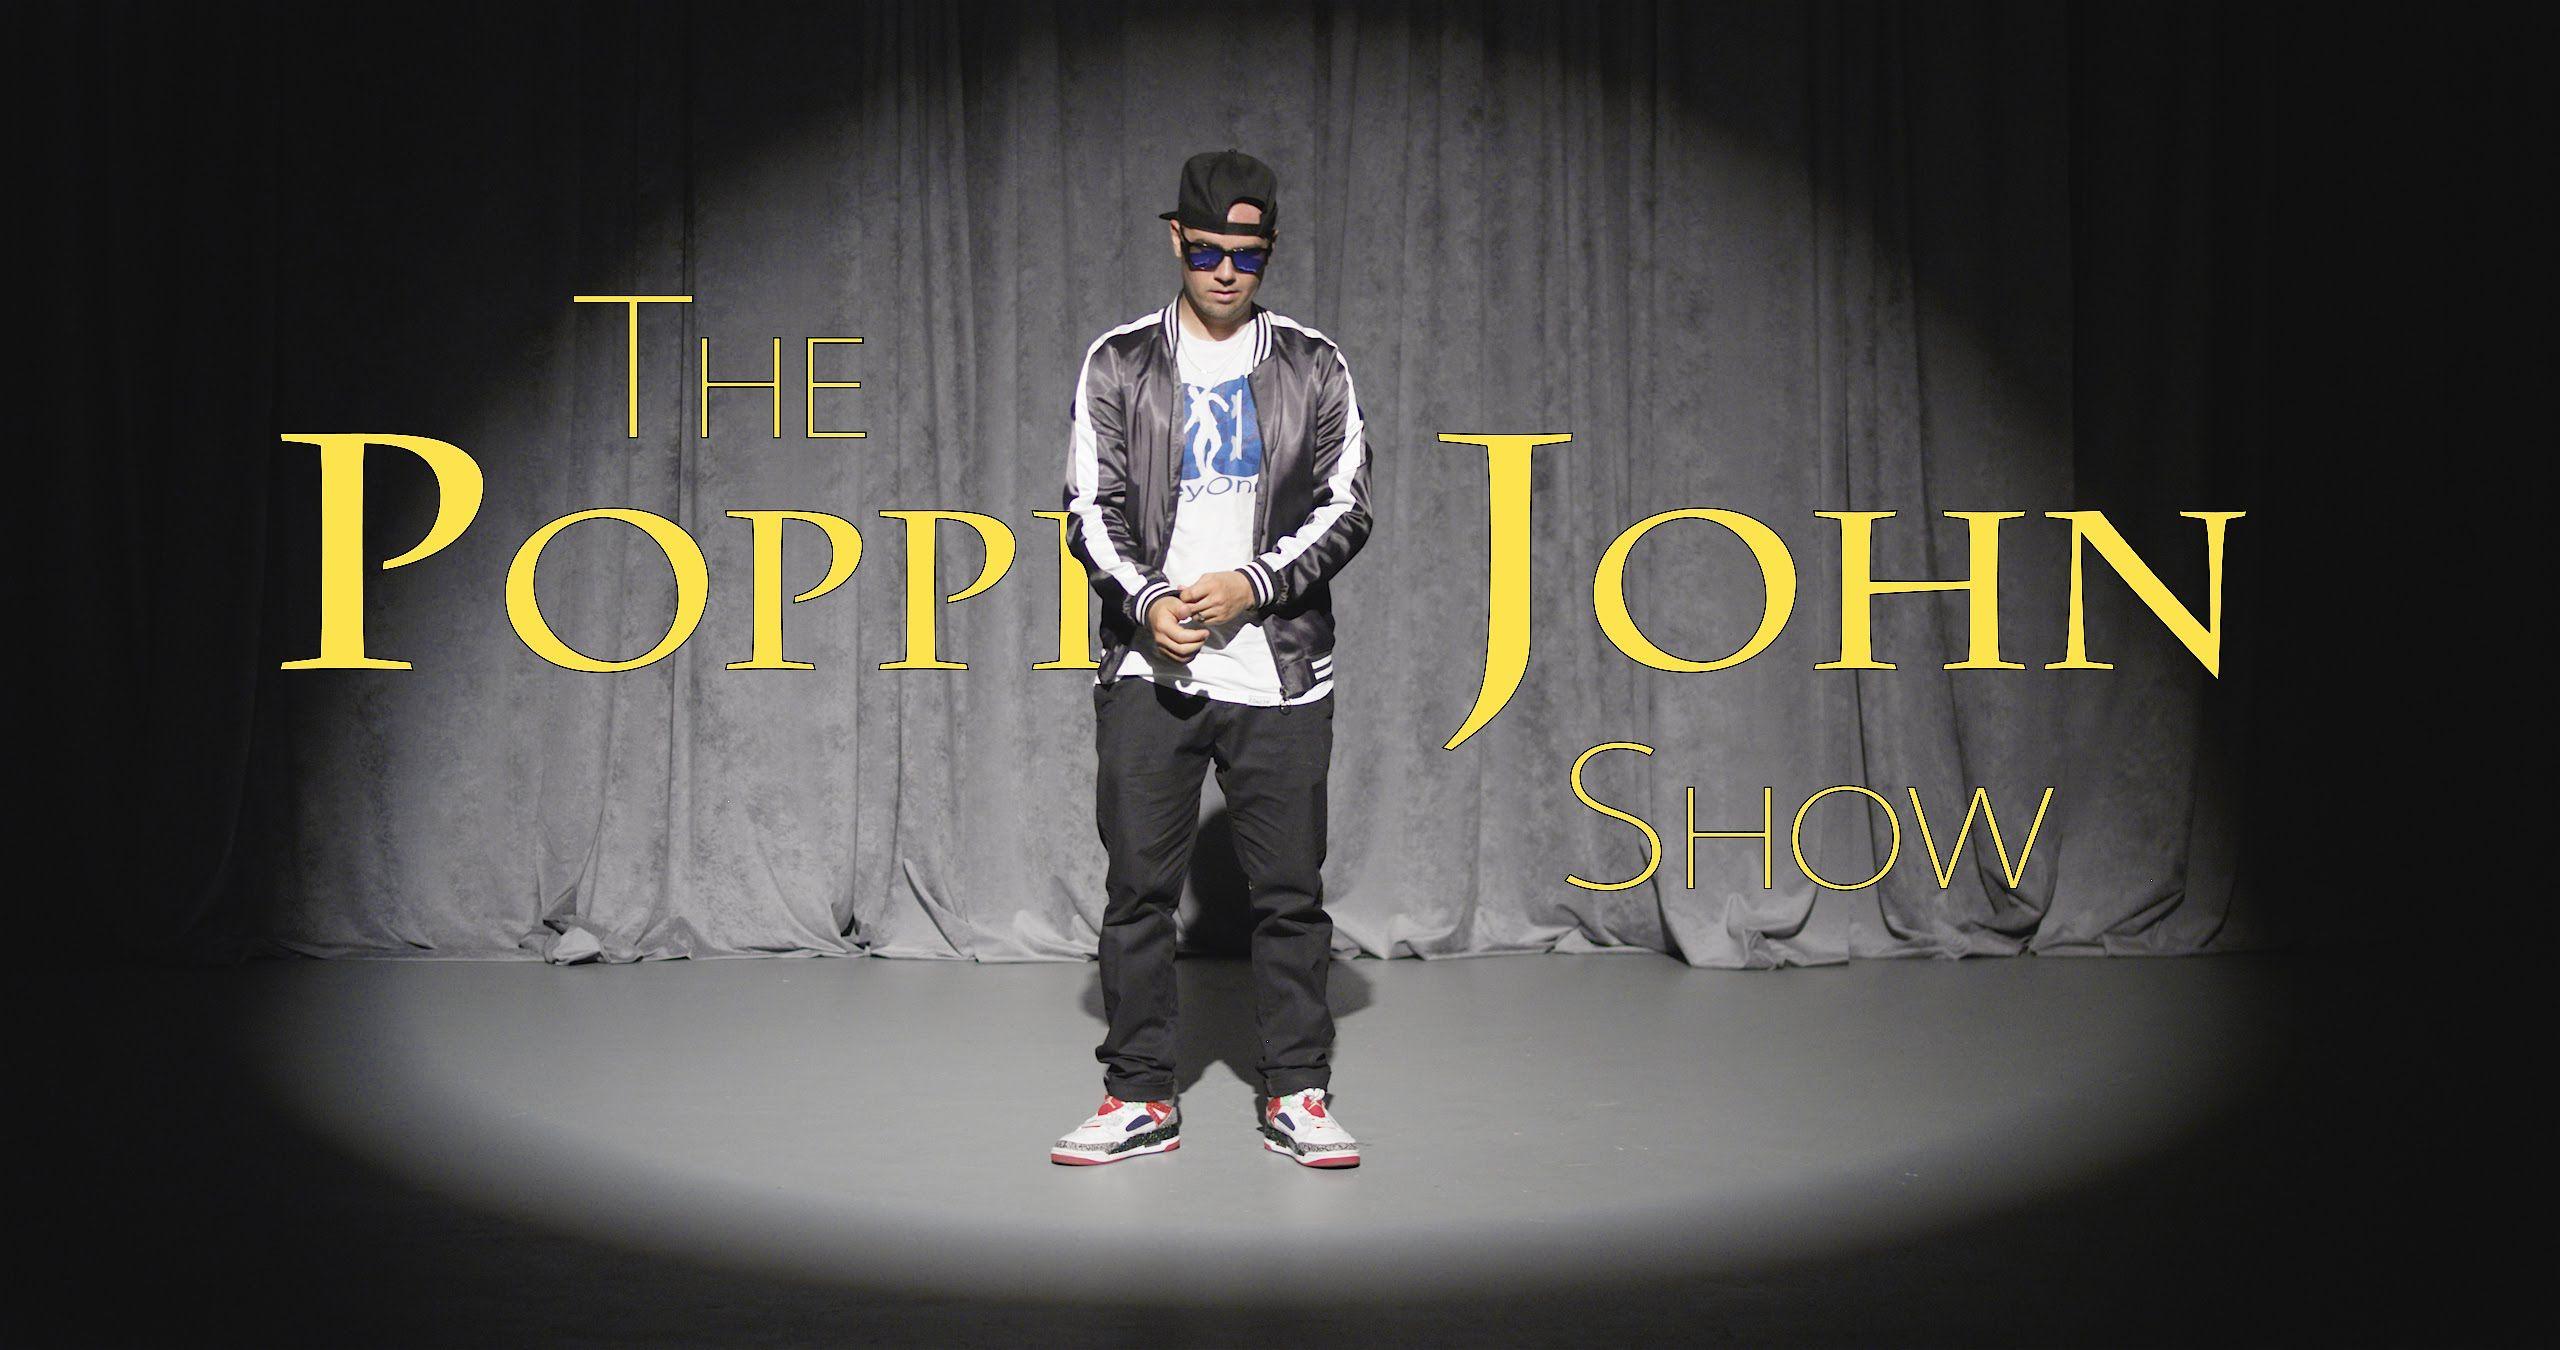 THE POPPIN JOHN SHOW   TRNDSTTR   Poppin john. John. Poppin